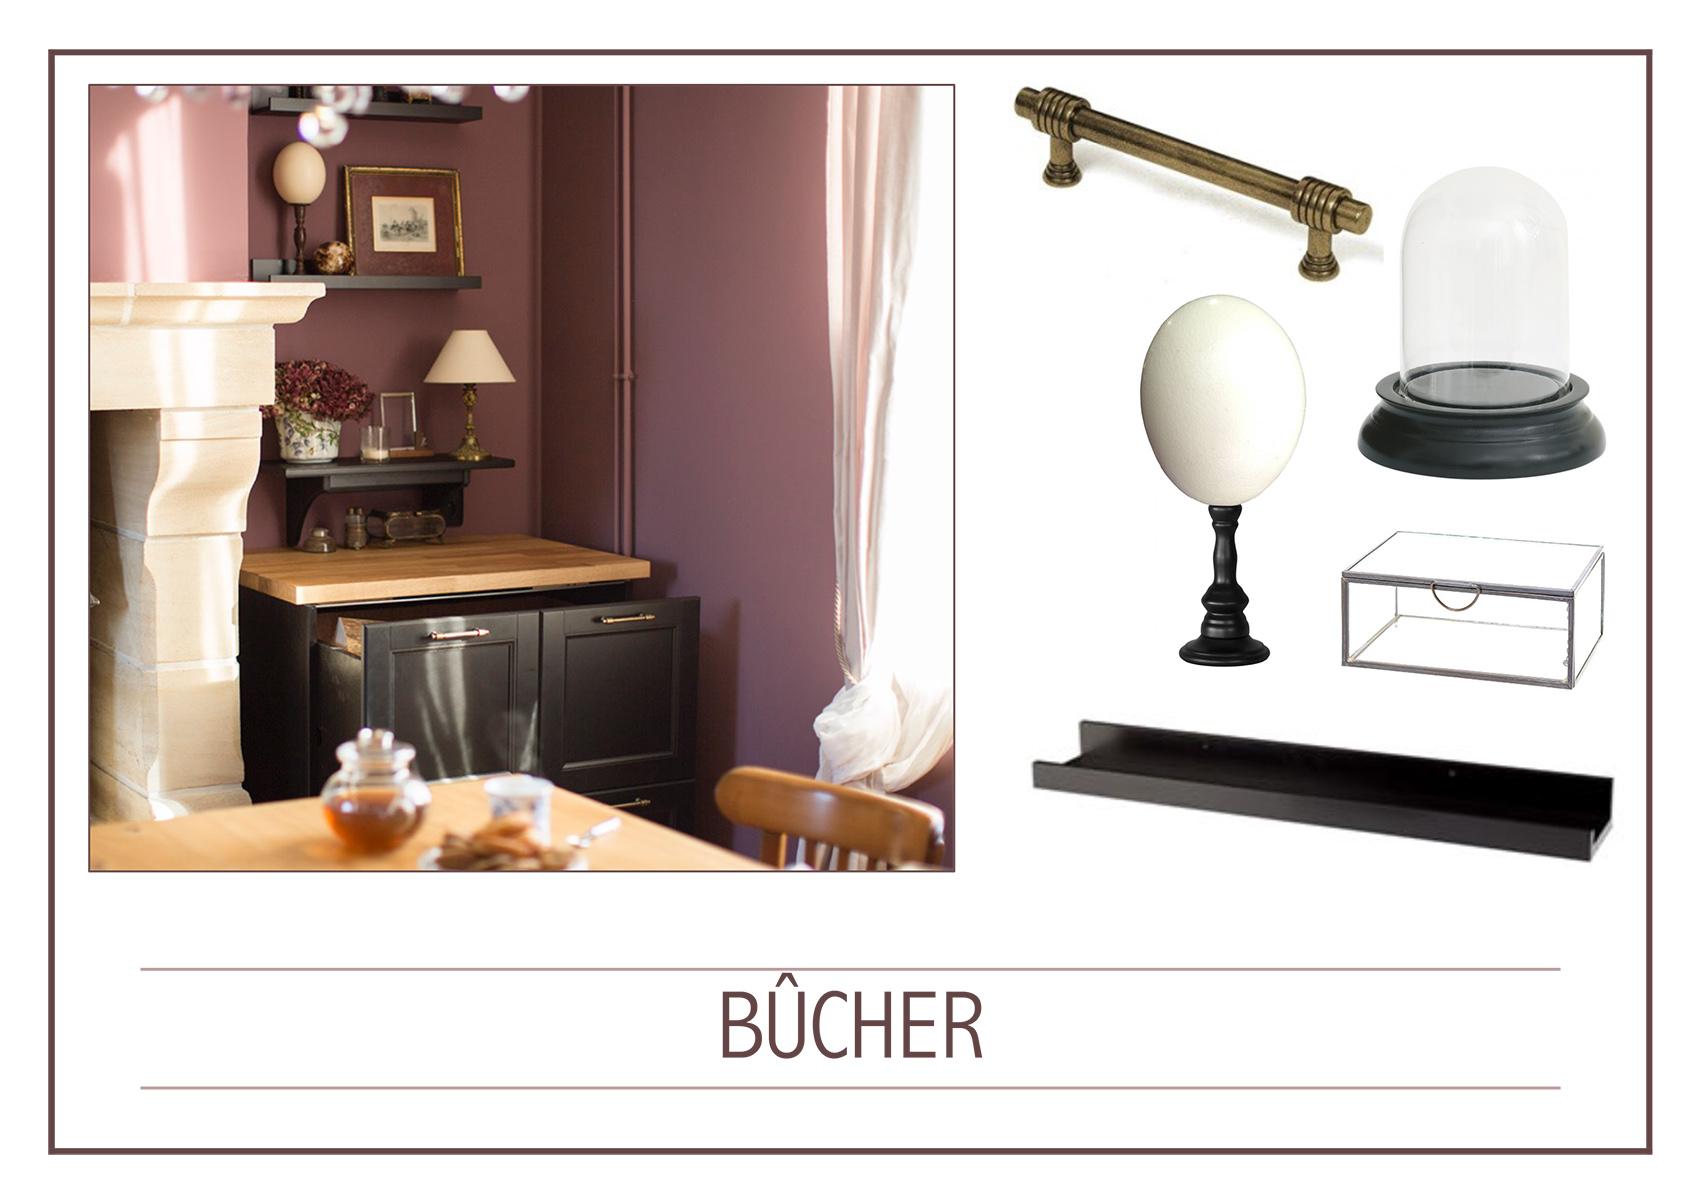 conception-bûcher-tutto-cuisine-ikea-maximera